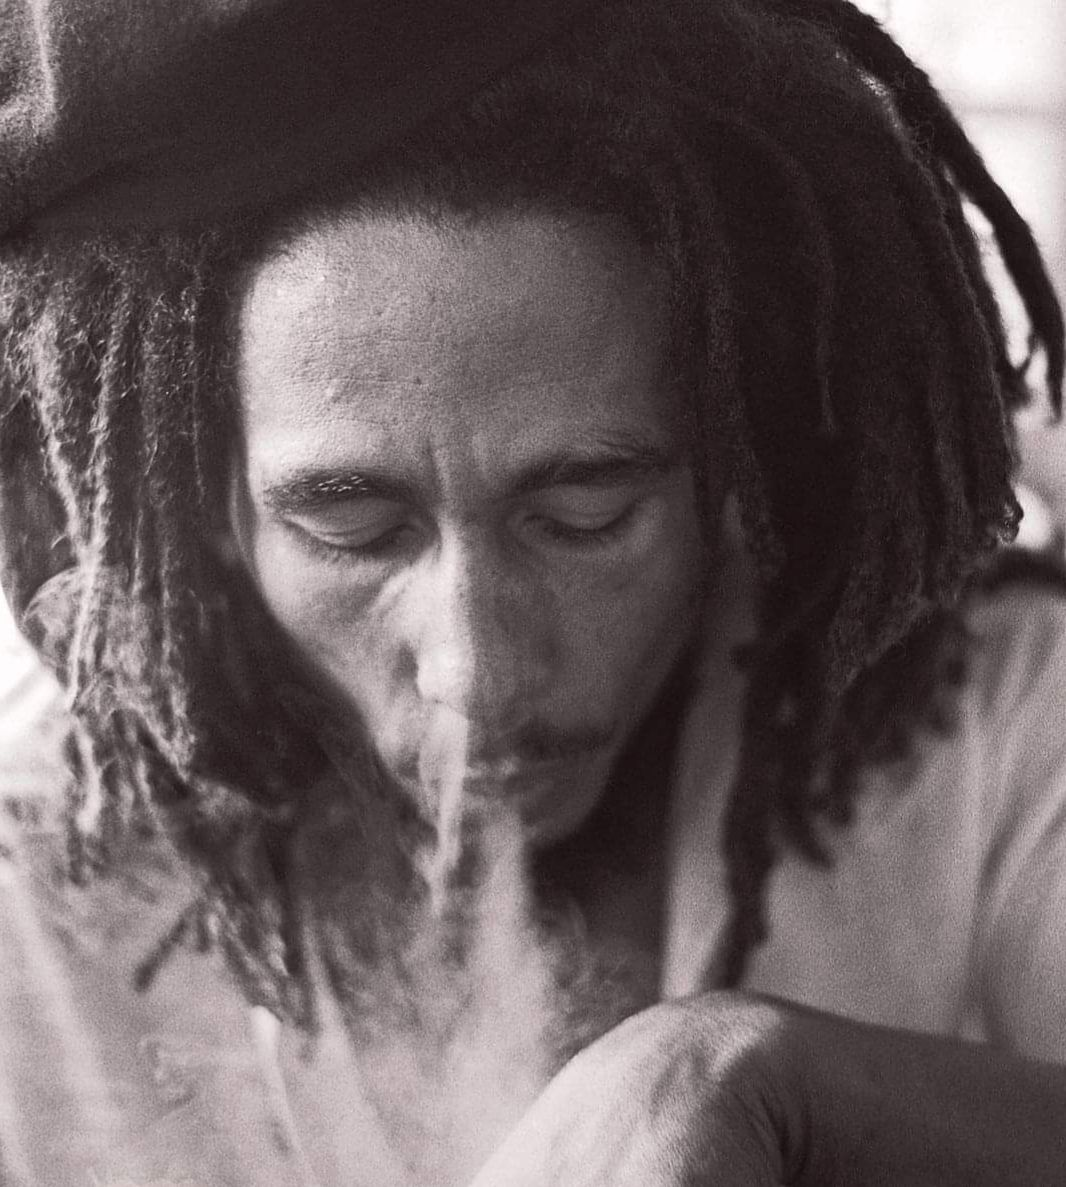 «Bob MARLEY (1945-1981) : un rebelle lumineux, symbole universel de la conscience noire et défenseur des opprimés» par M. Amadou Bal BA - http://baamadou.over-blog.fr/